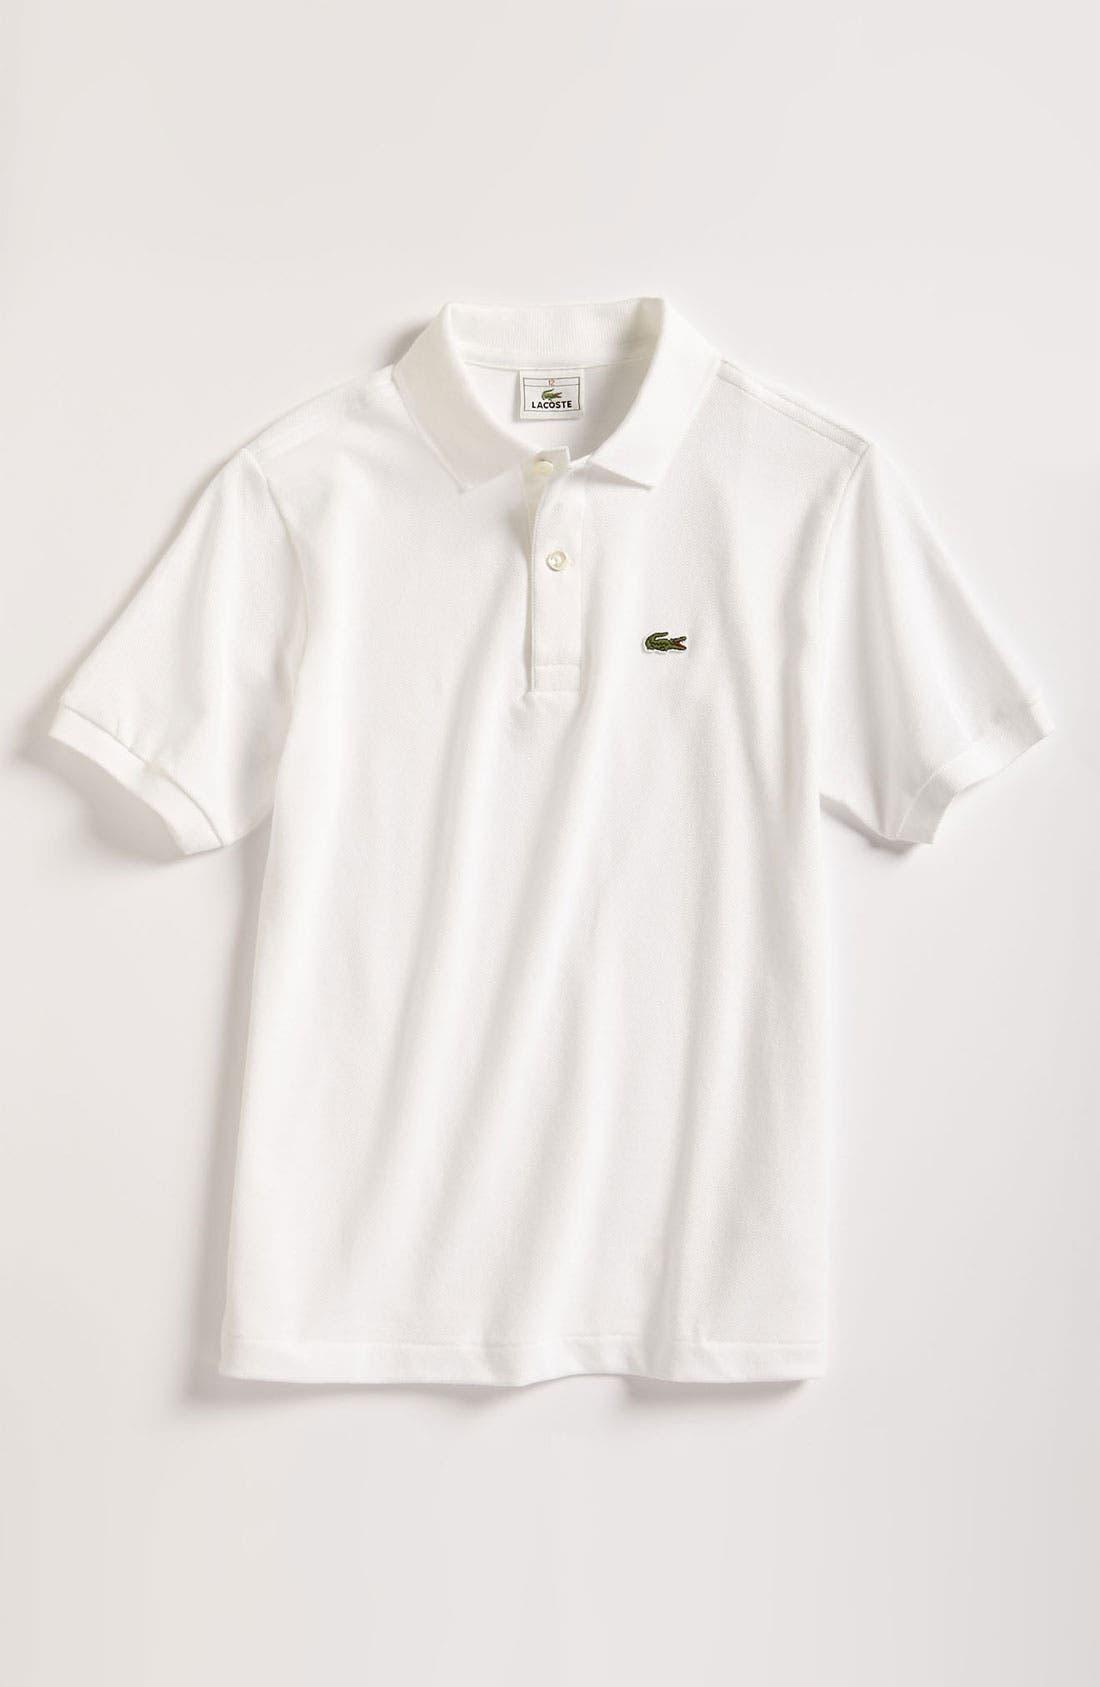 Main Image - Lacoste Short Sleeve Piqué Polo (Toddler Boys, Little Boys & Big Boys)